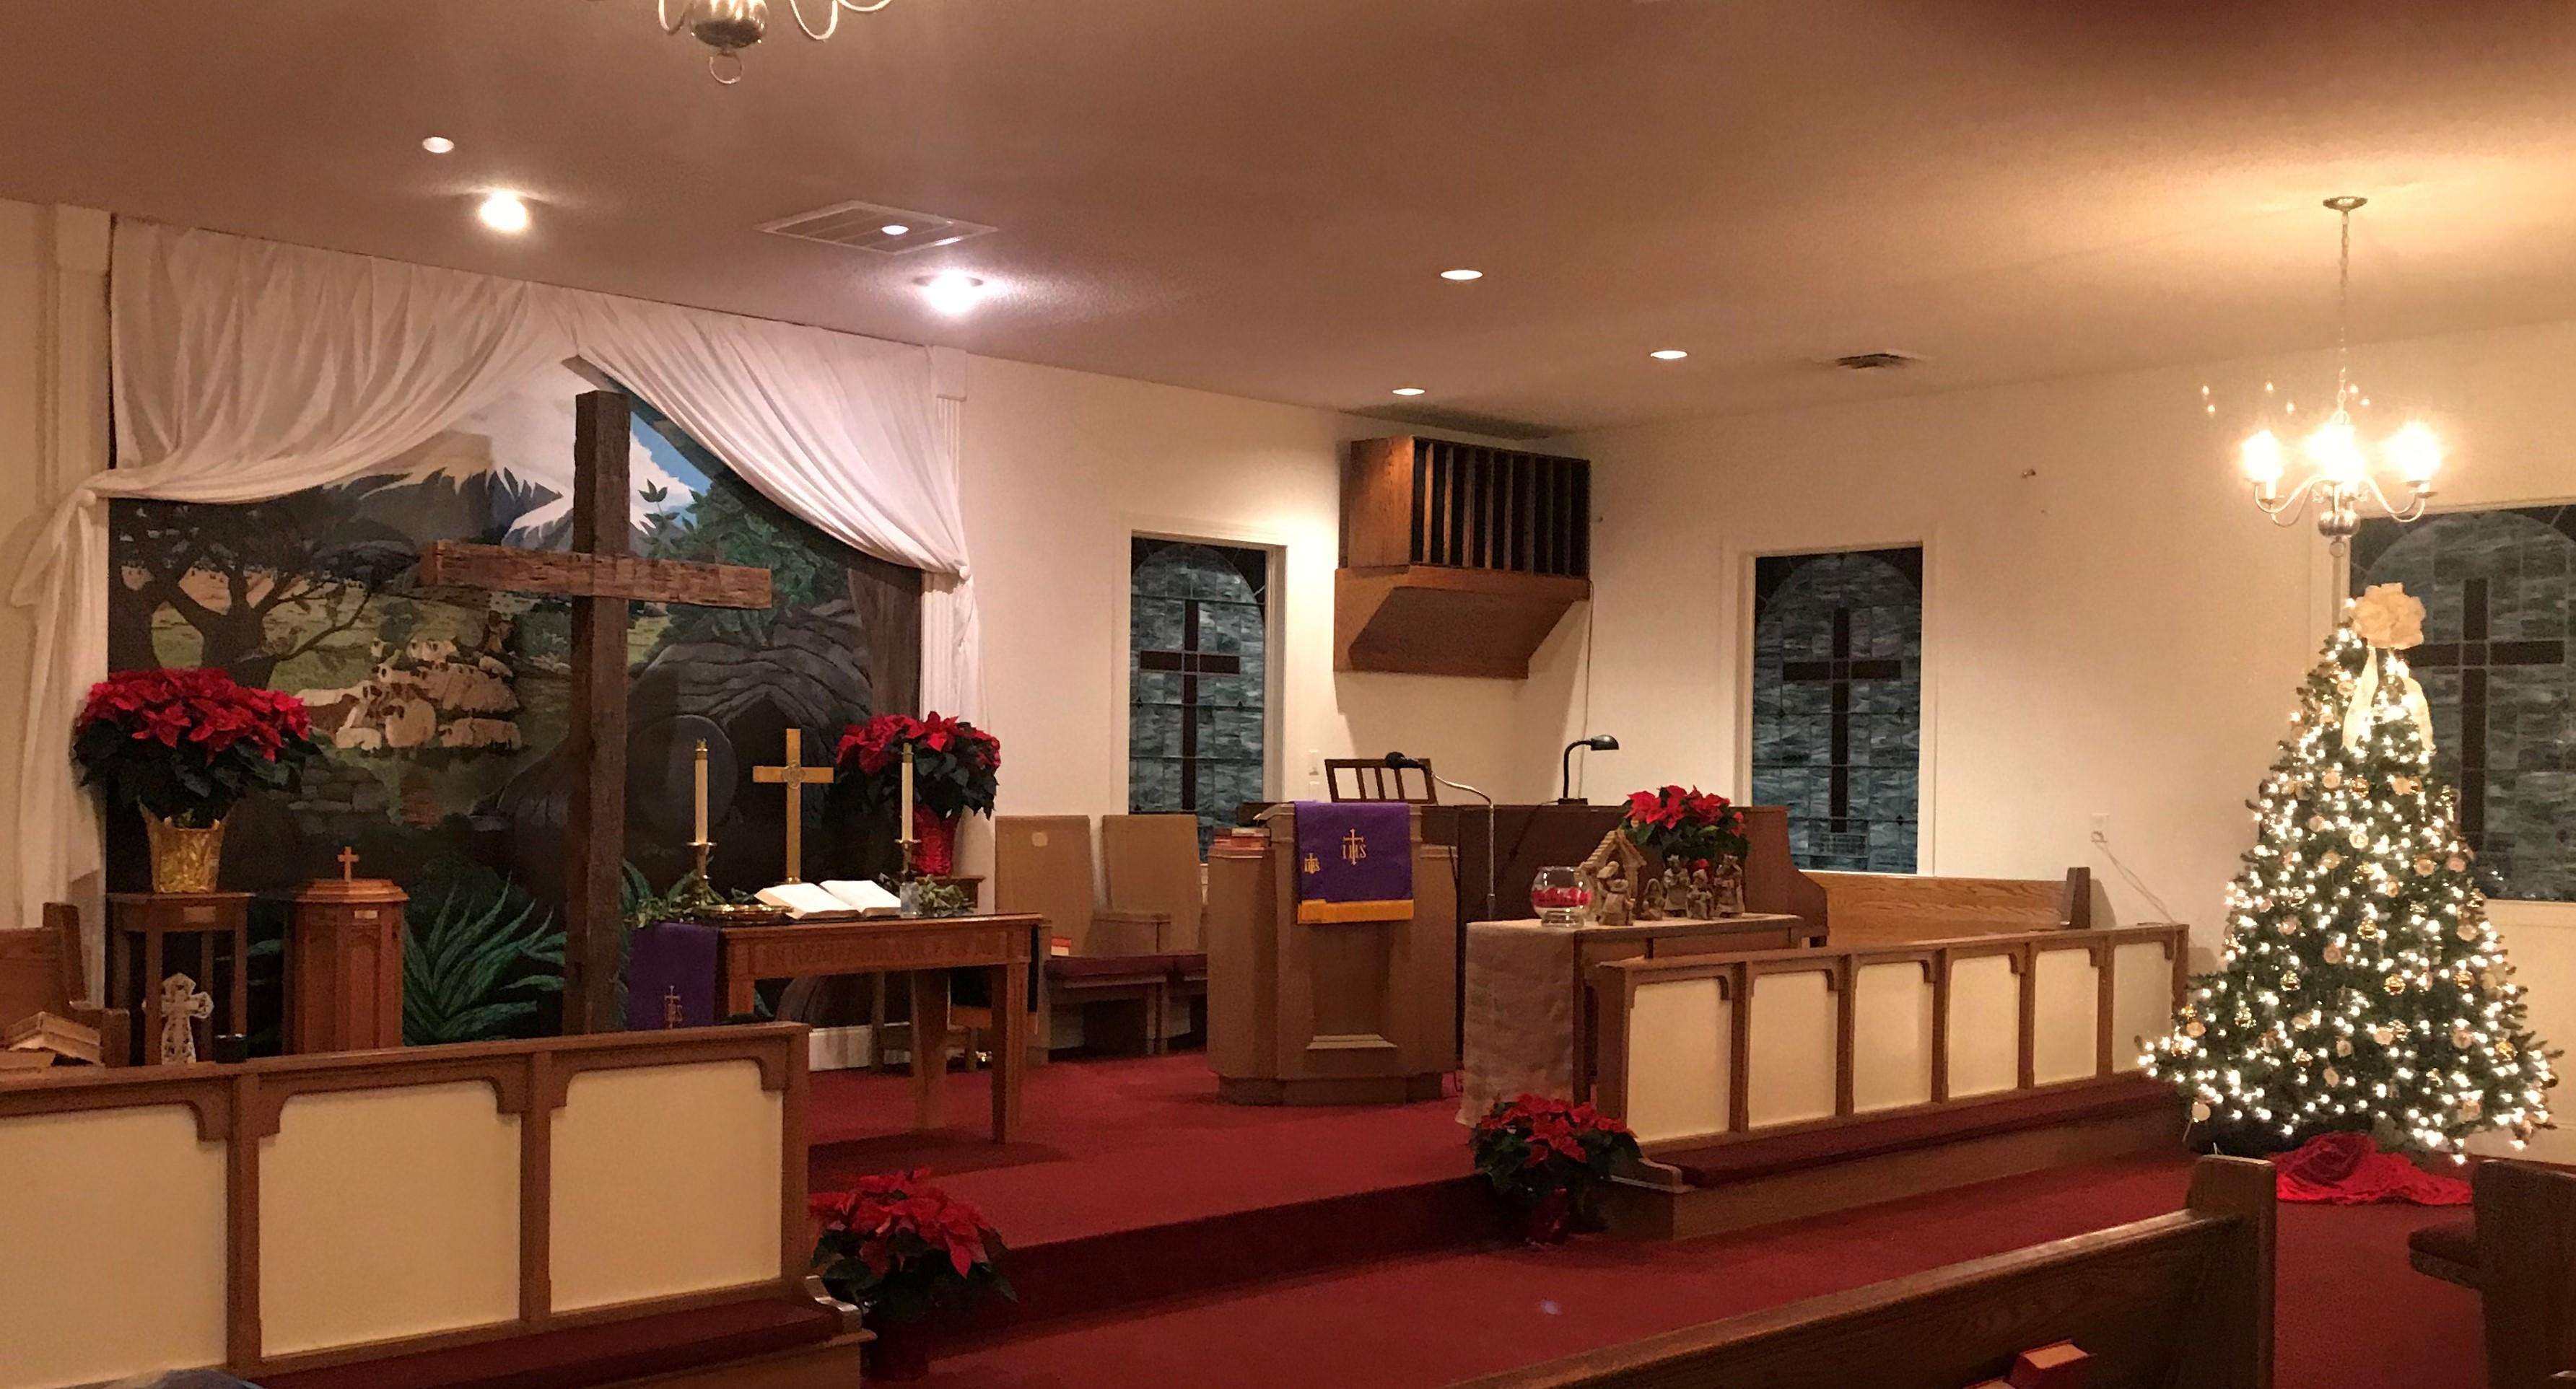 하이 포인트, 노스캐롤라이나주의 샌디 리지 연합감리교회의 성전이 대강절 주제로 장식되어 있다. 사진 제공: 다나 프리들.